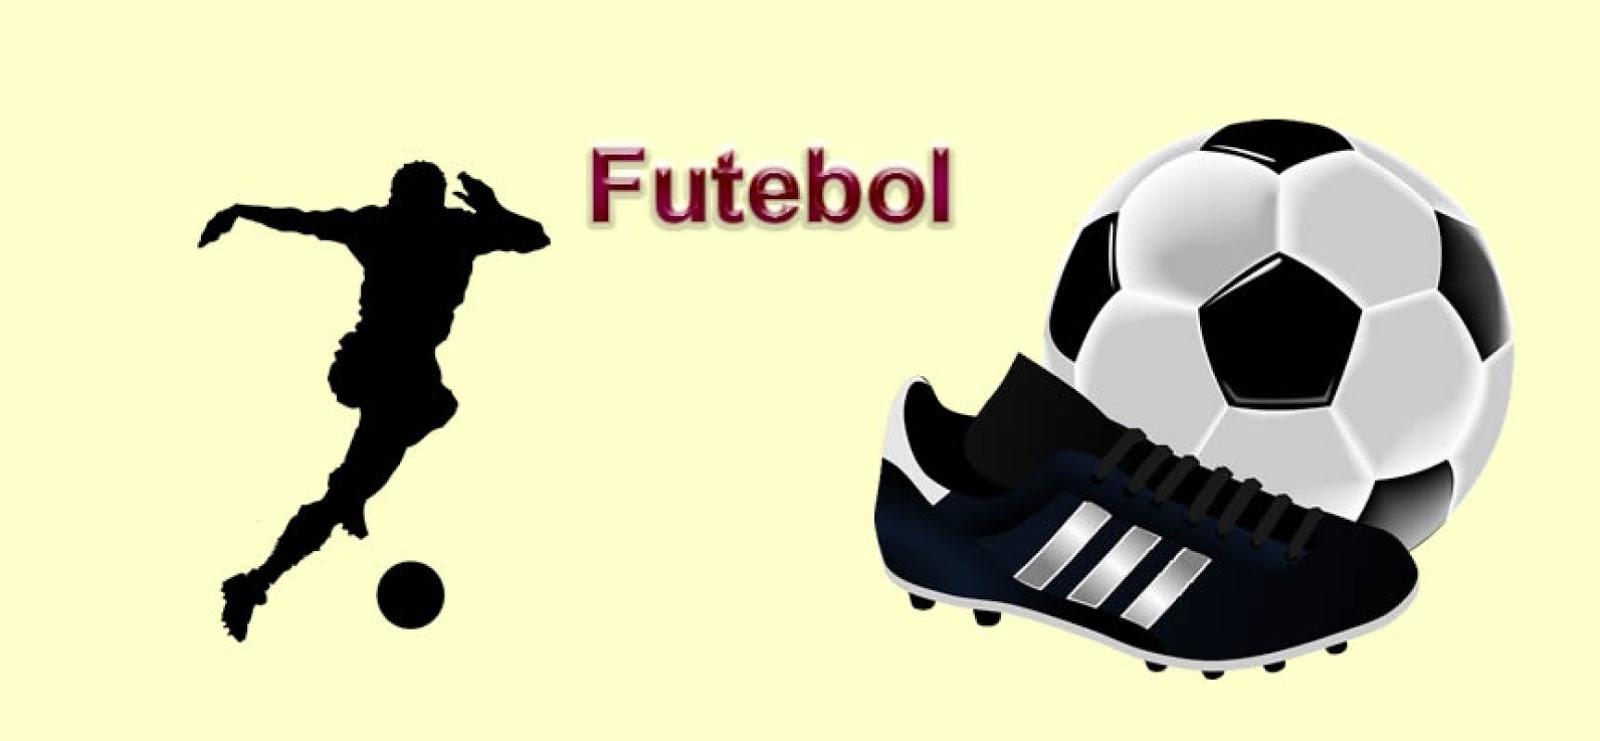 Image Result For Resultados Futebol